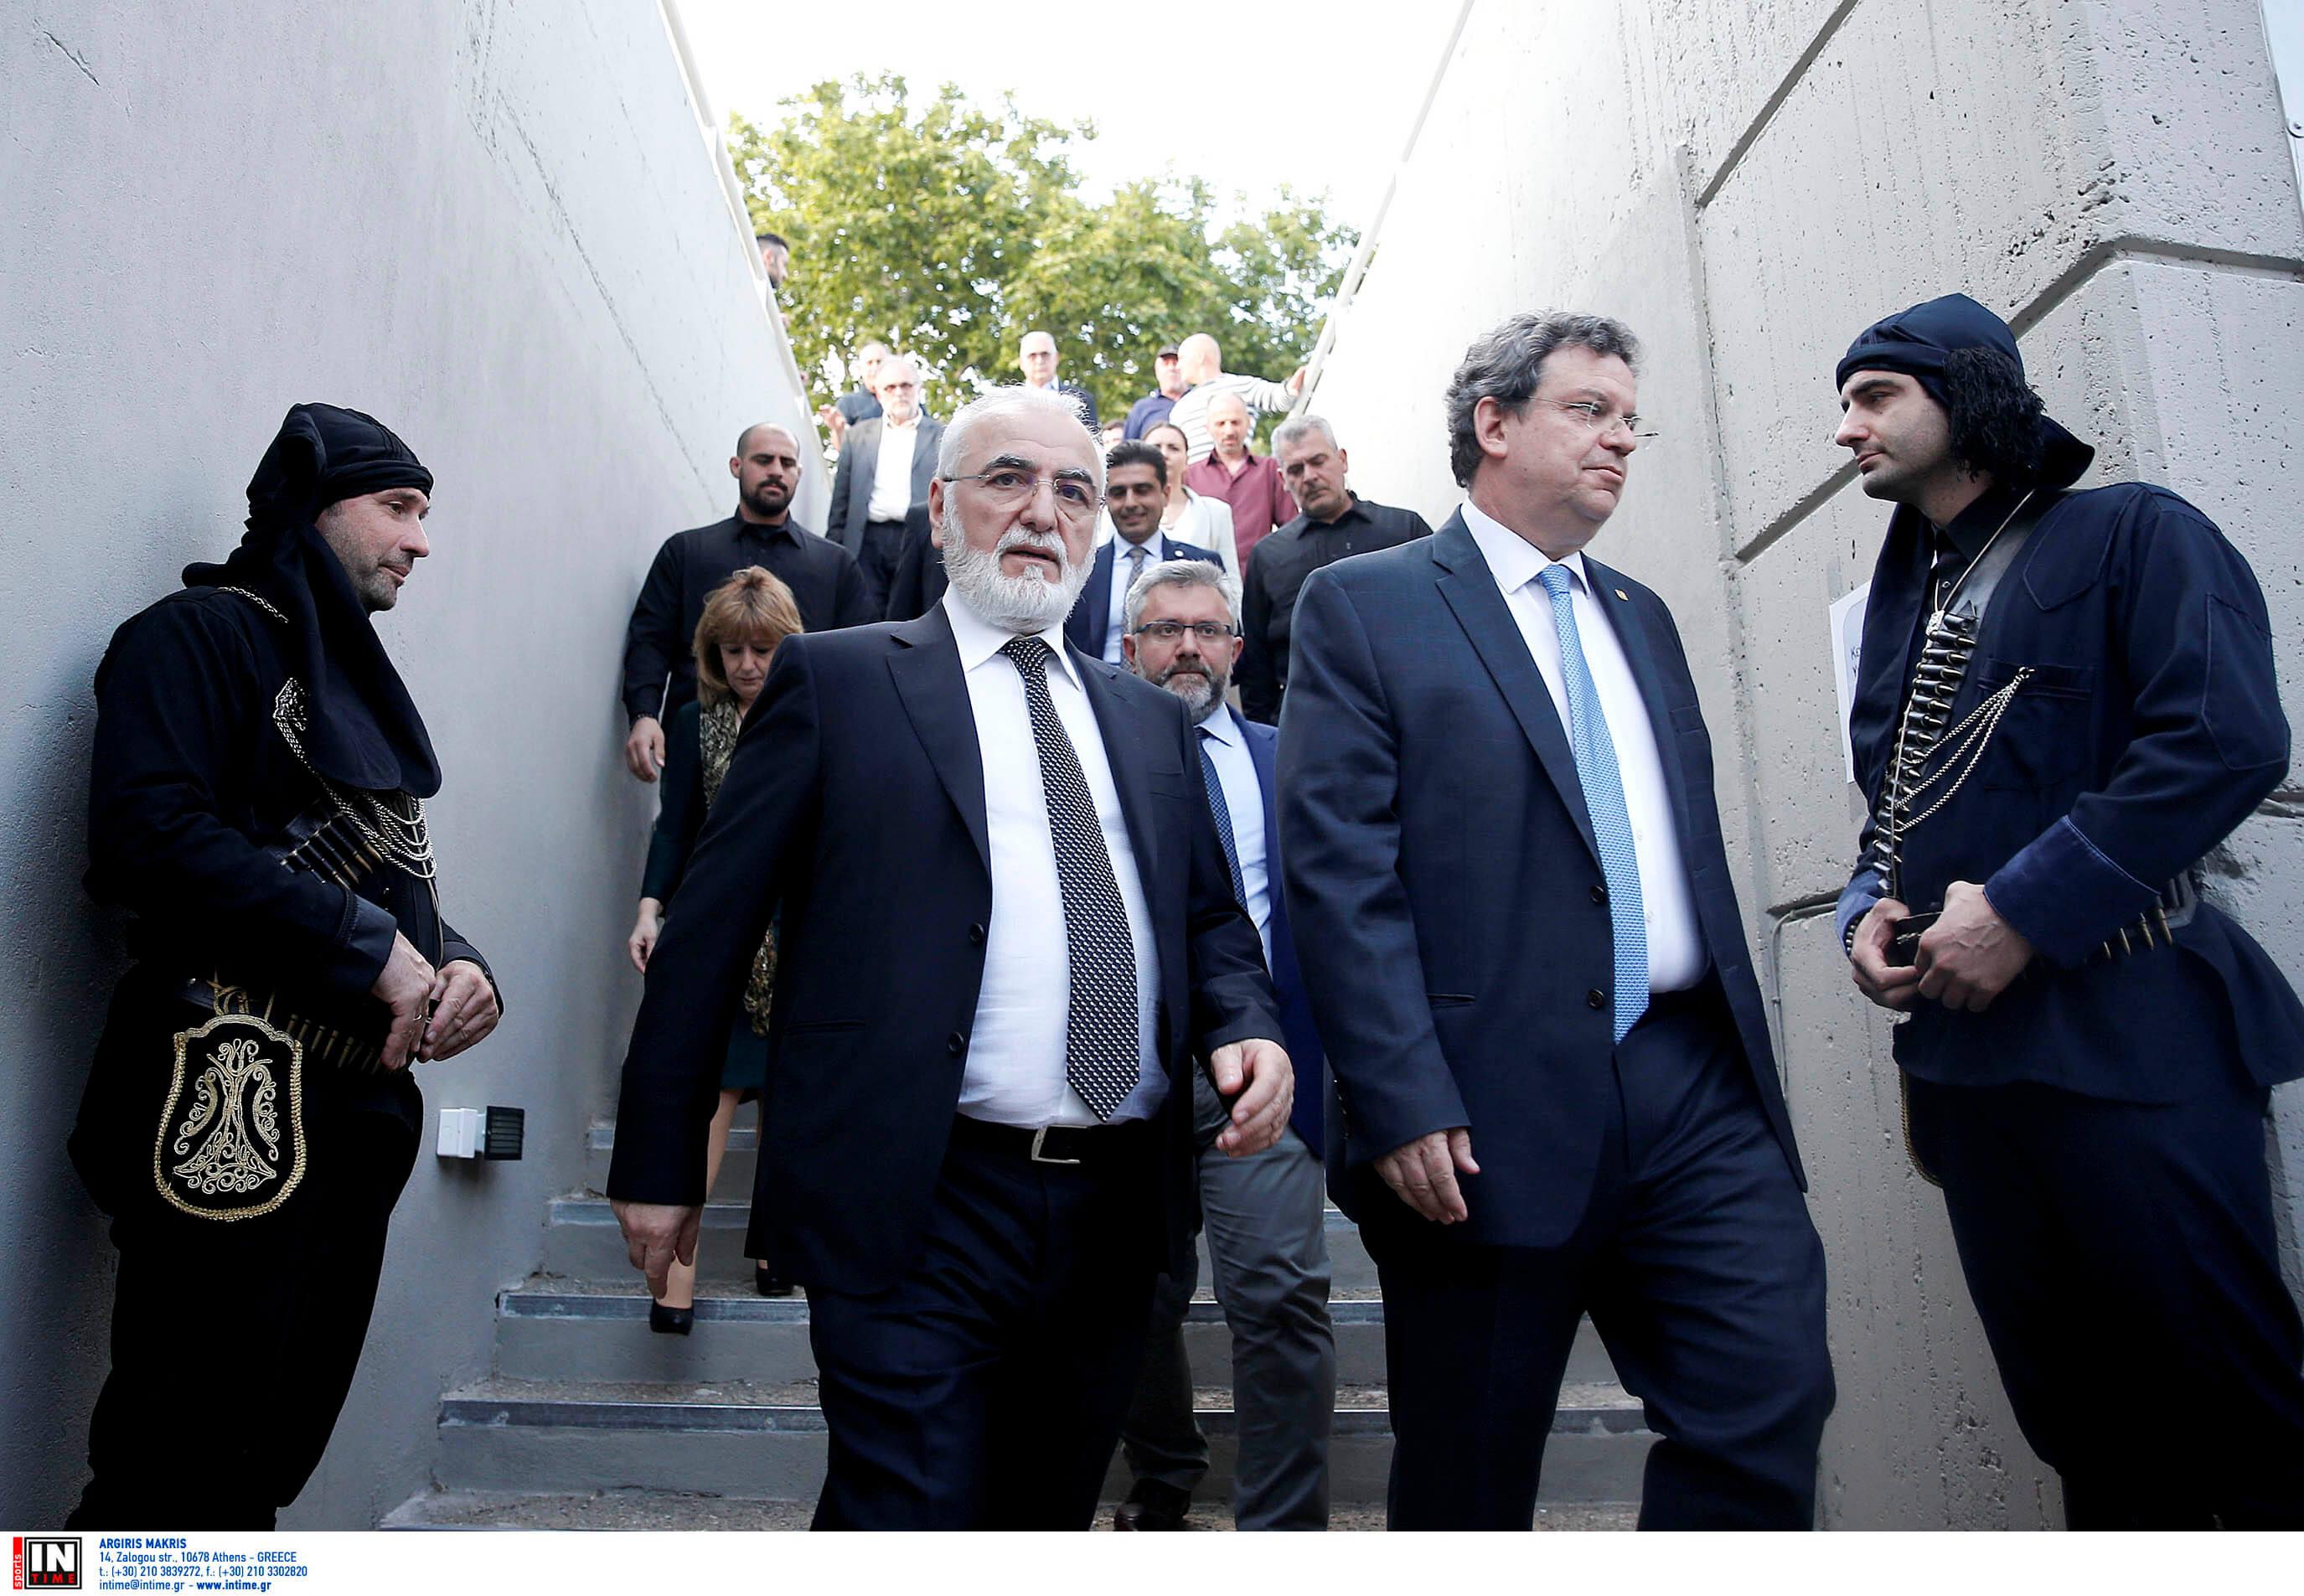 Ιβάν Σαββίδης: Με απογοητεύσατε! – Το τελεσίγραφο του επιχειρηματία στη διοίκηση του OPEN | Newsit.gr